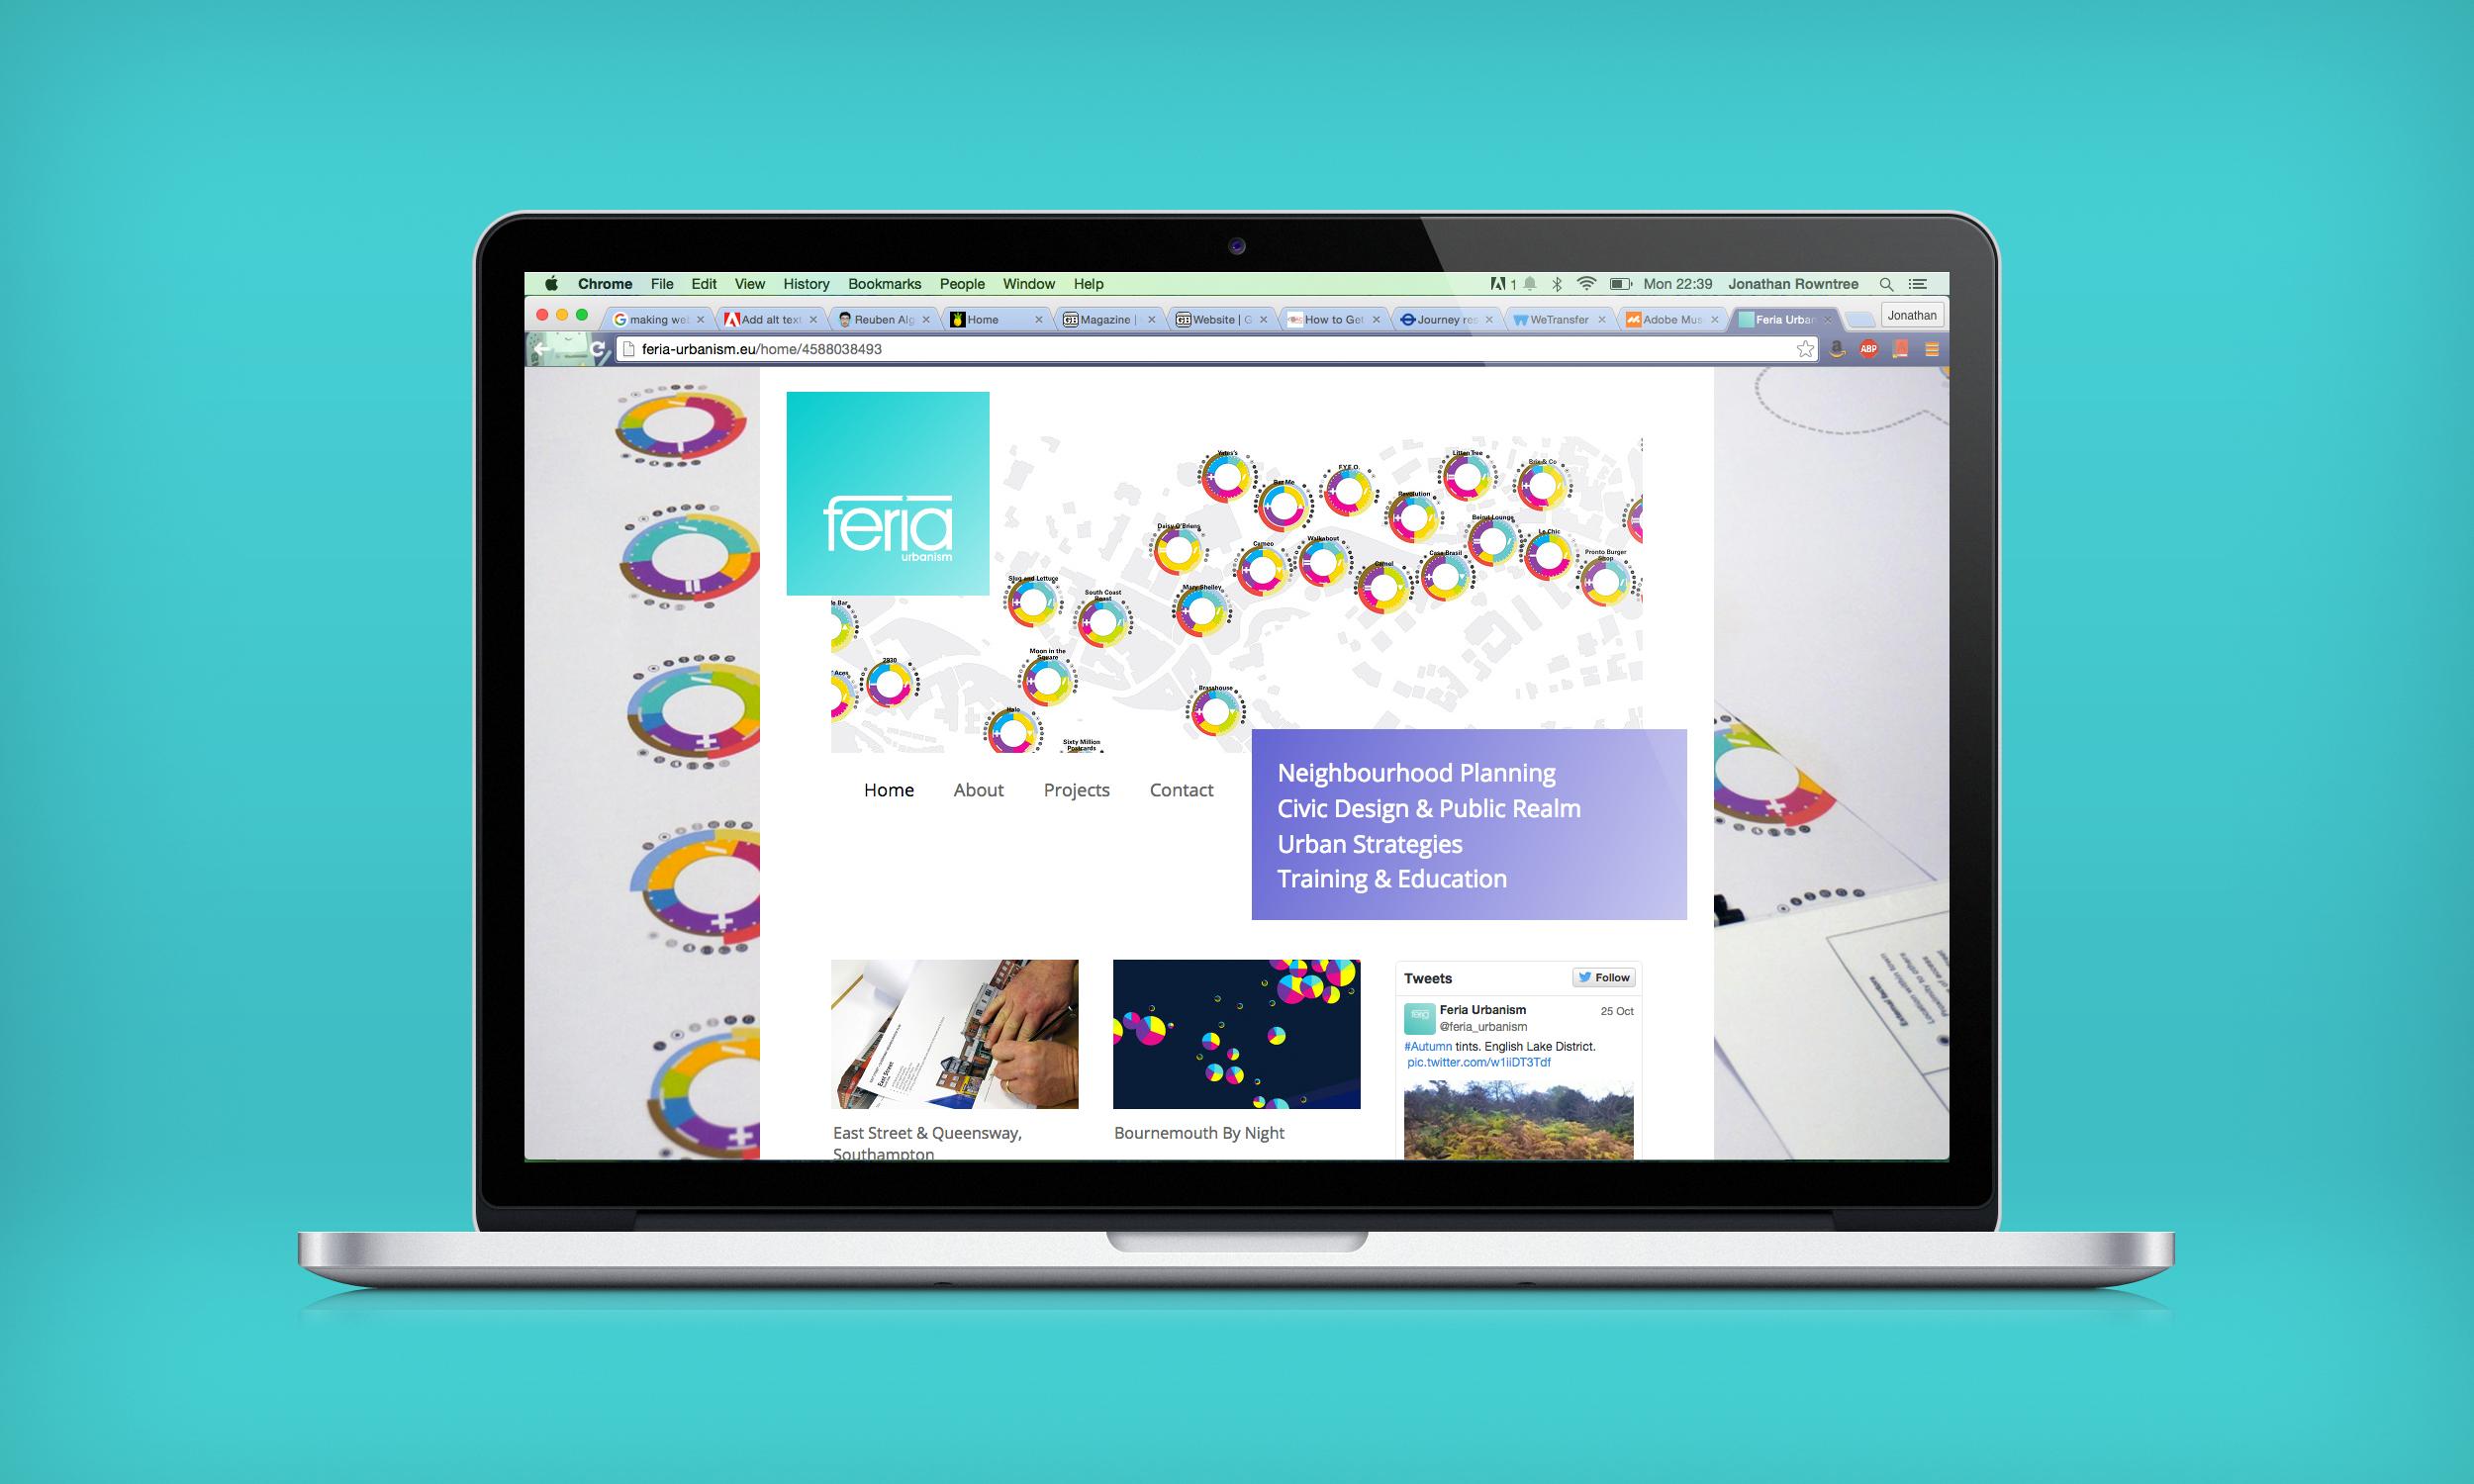 Feria Web Design